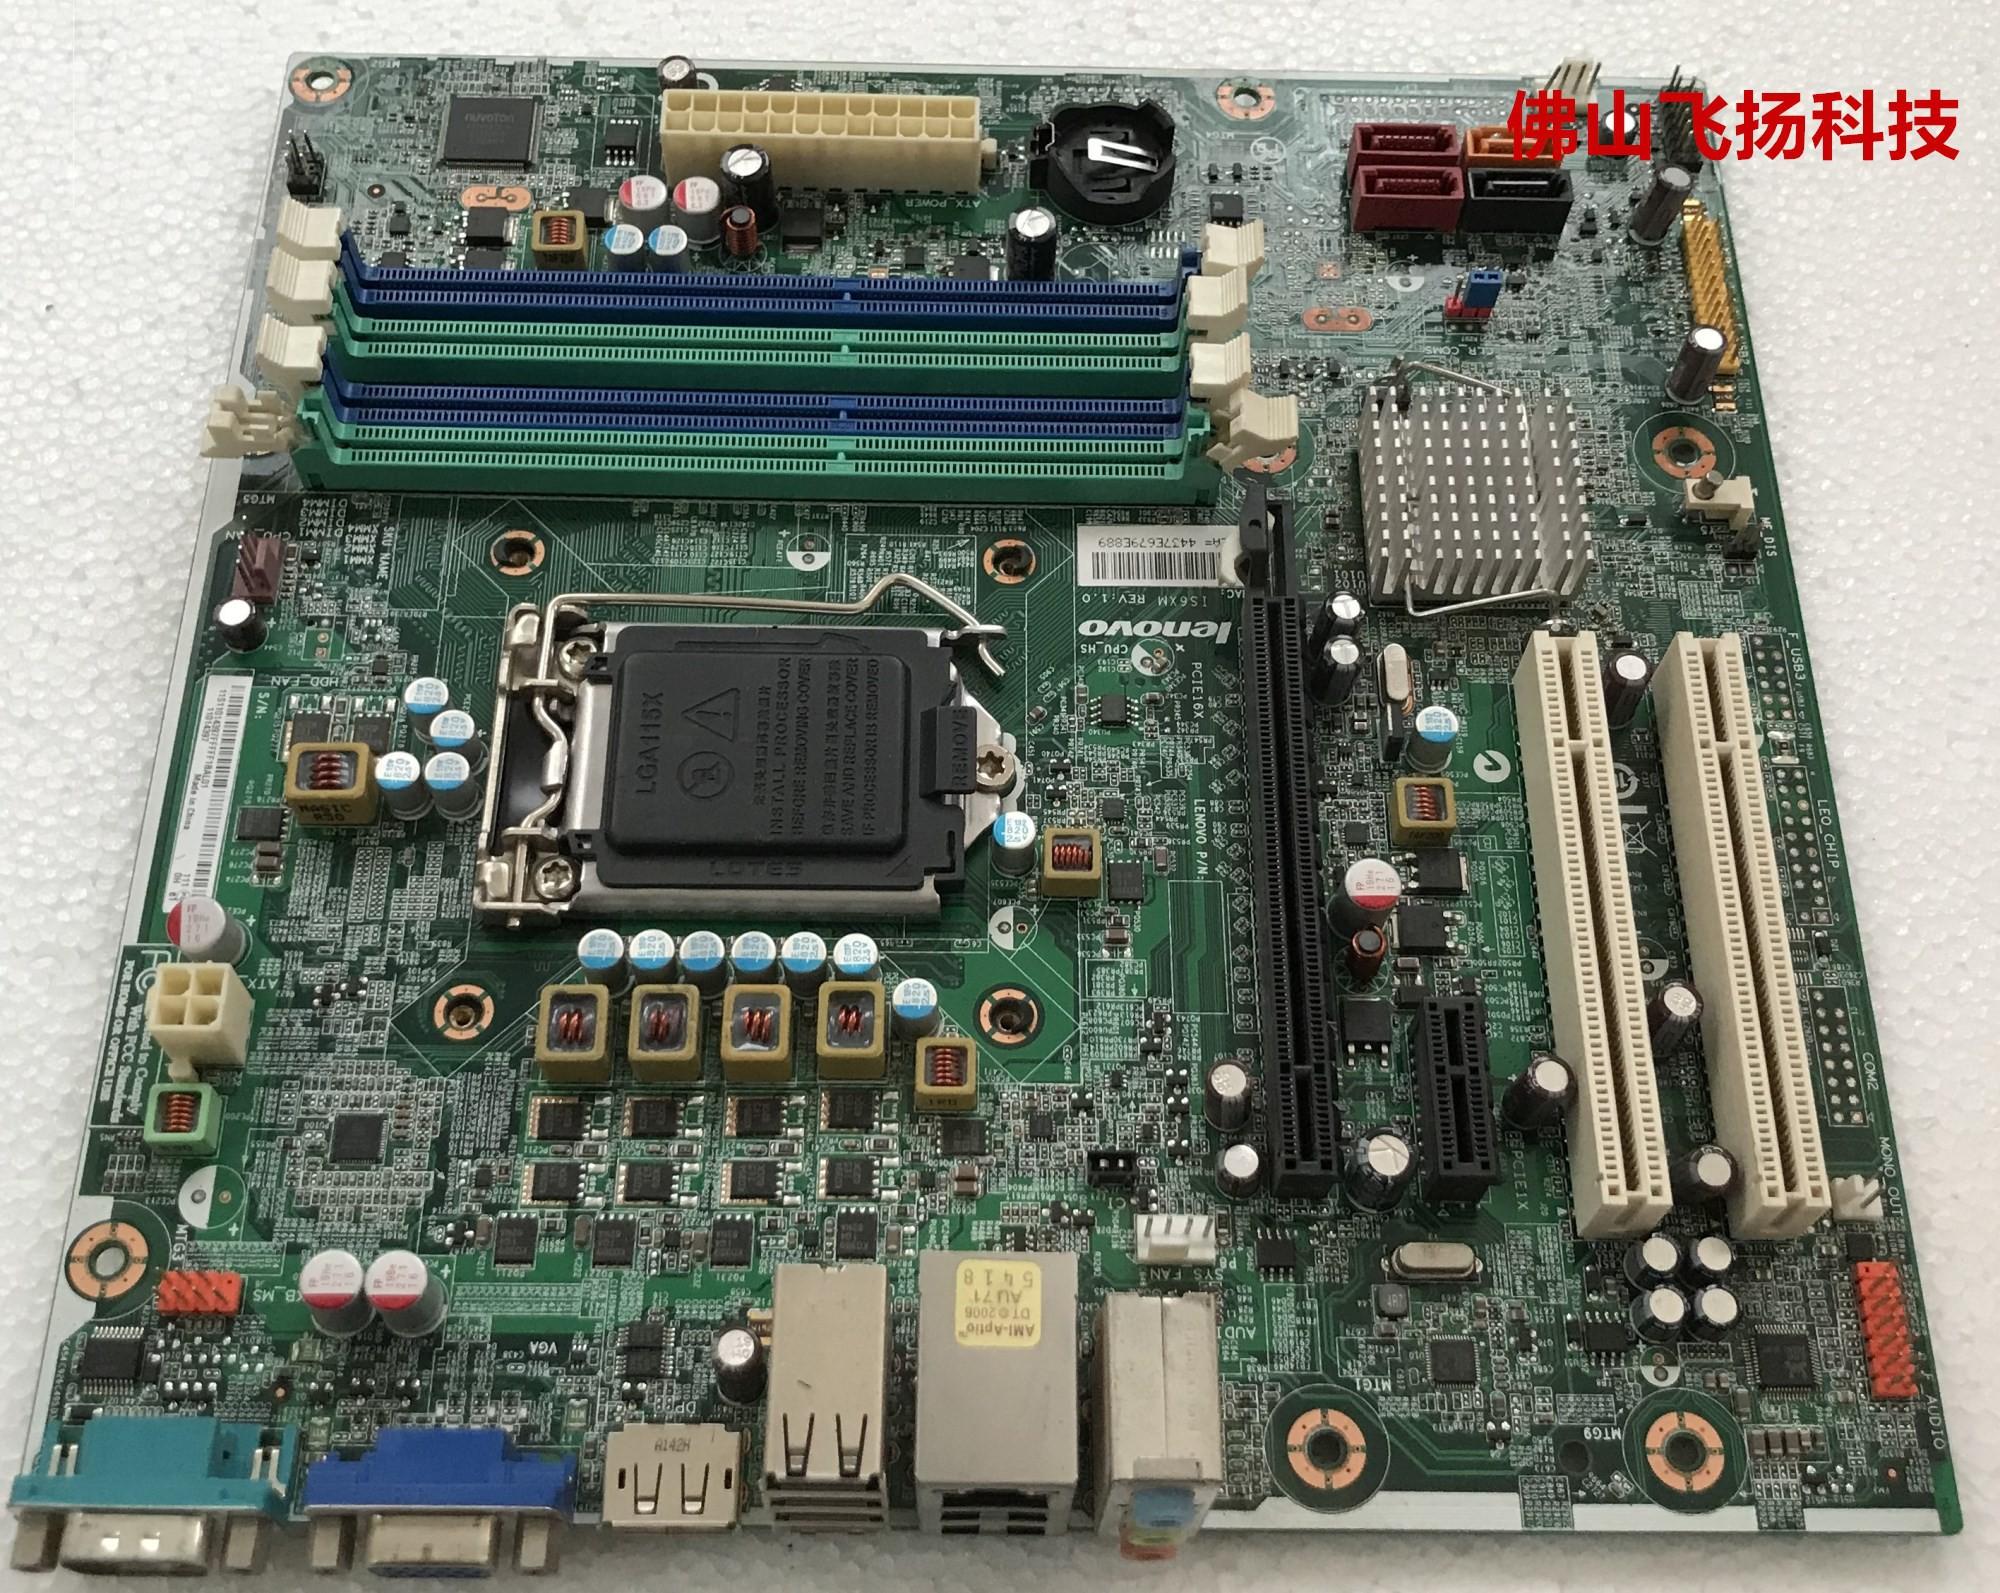 【成你夥伴】 聯想 Q65Q67 主機板  IS6XM M6300T M81 1155針 FRU03T8182 支持3